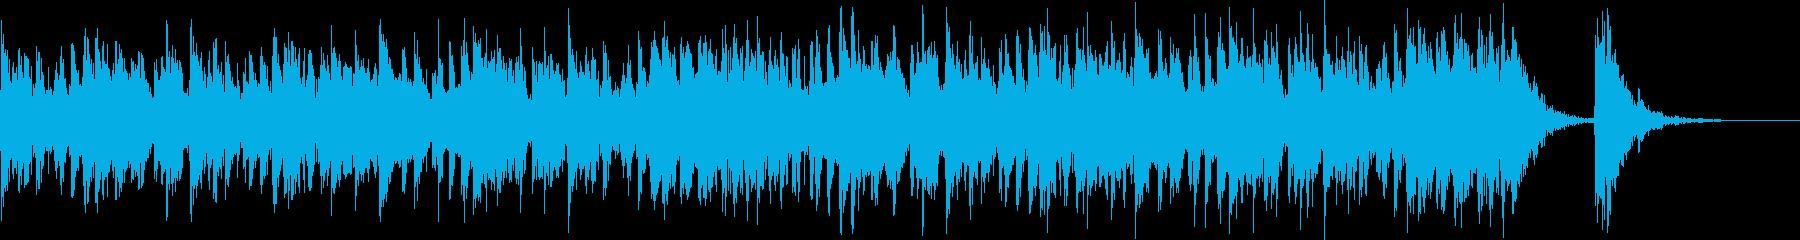 アップテンポ渋く激しい和太鼓+三味線-2の再生済みの波形